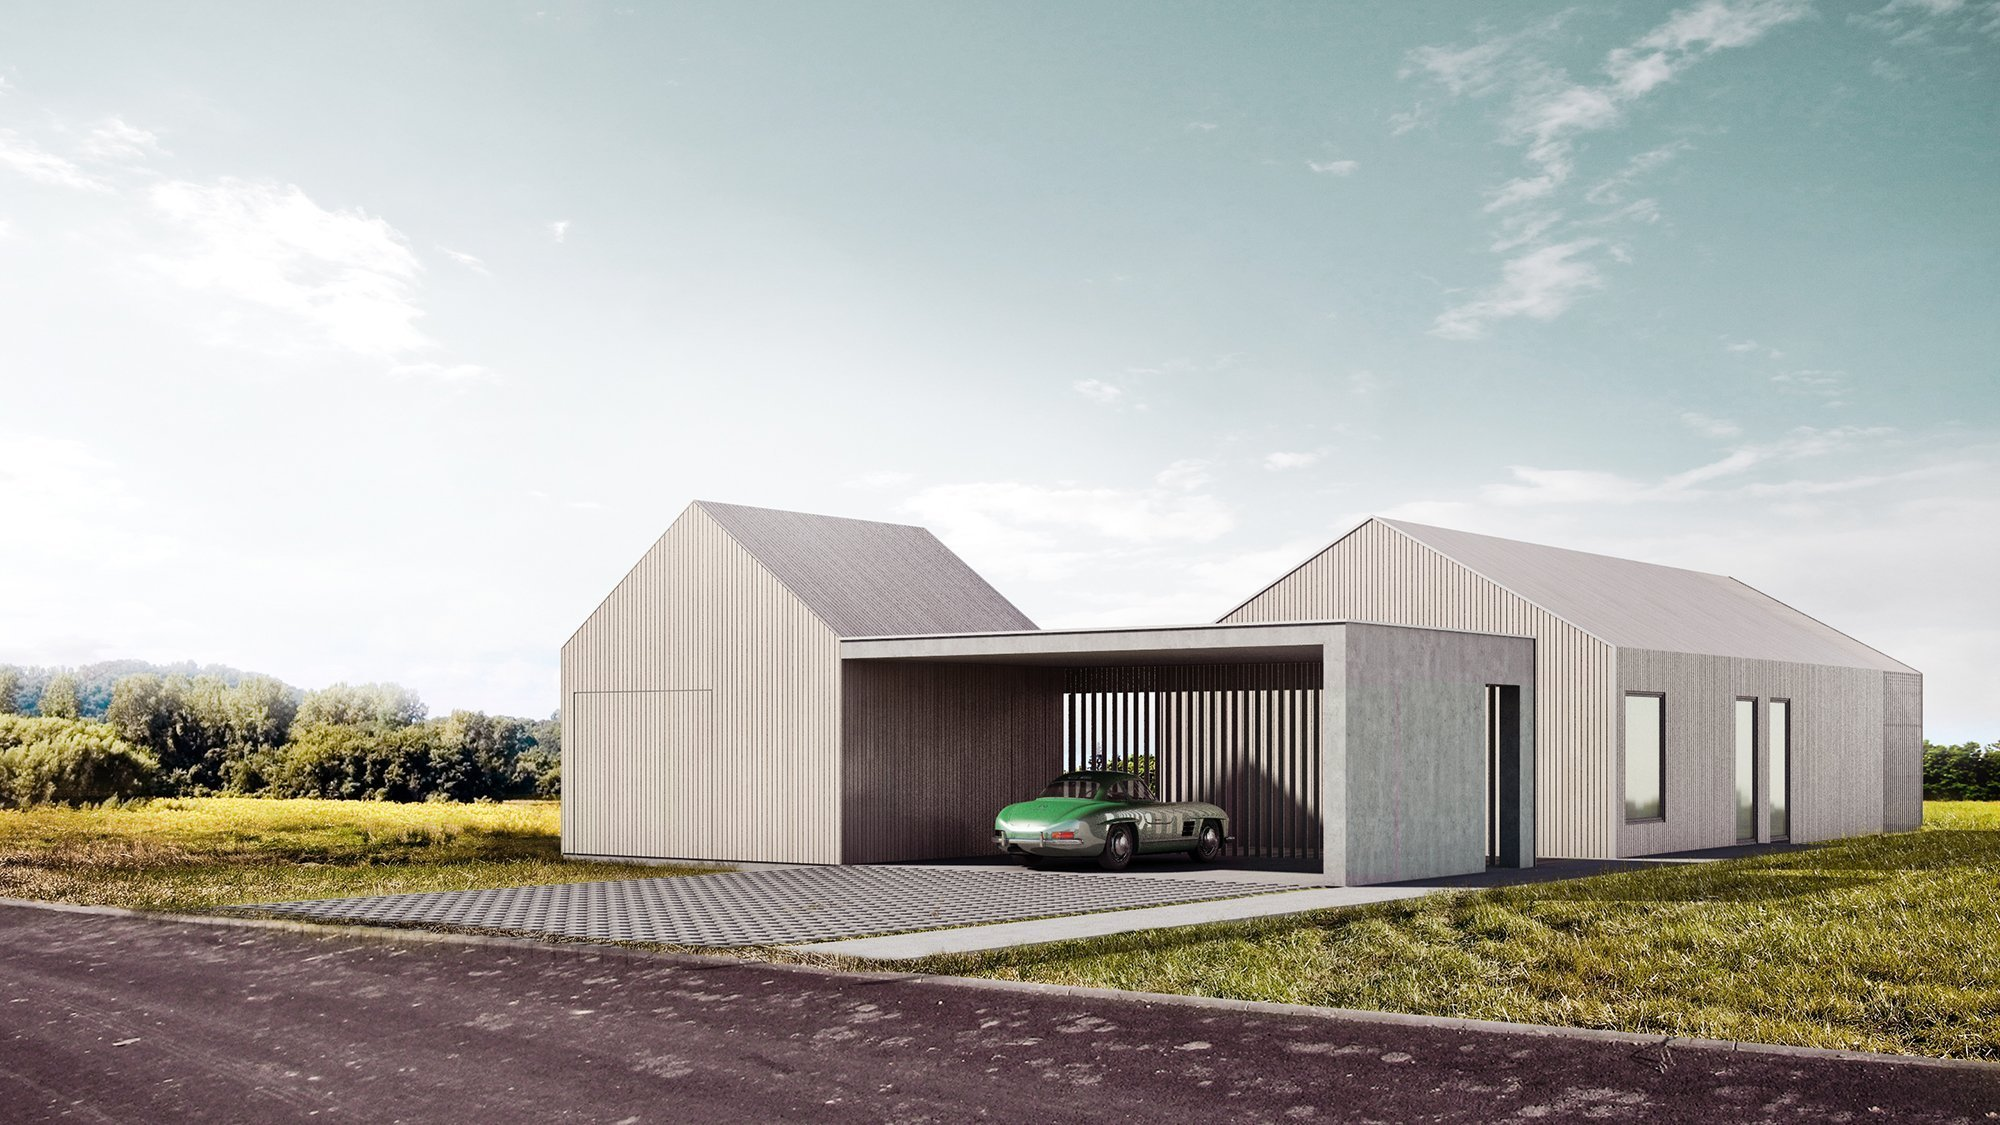 K příjezdové komunikaci je situována menší stavba s bikovou dílnou a krycím parkovacím stáním.